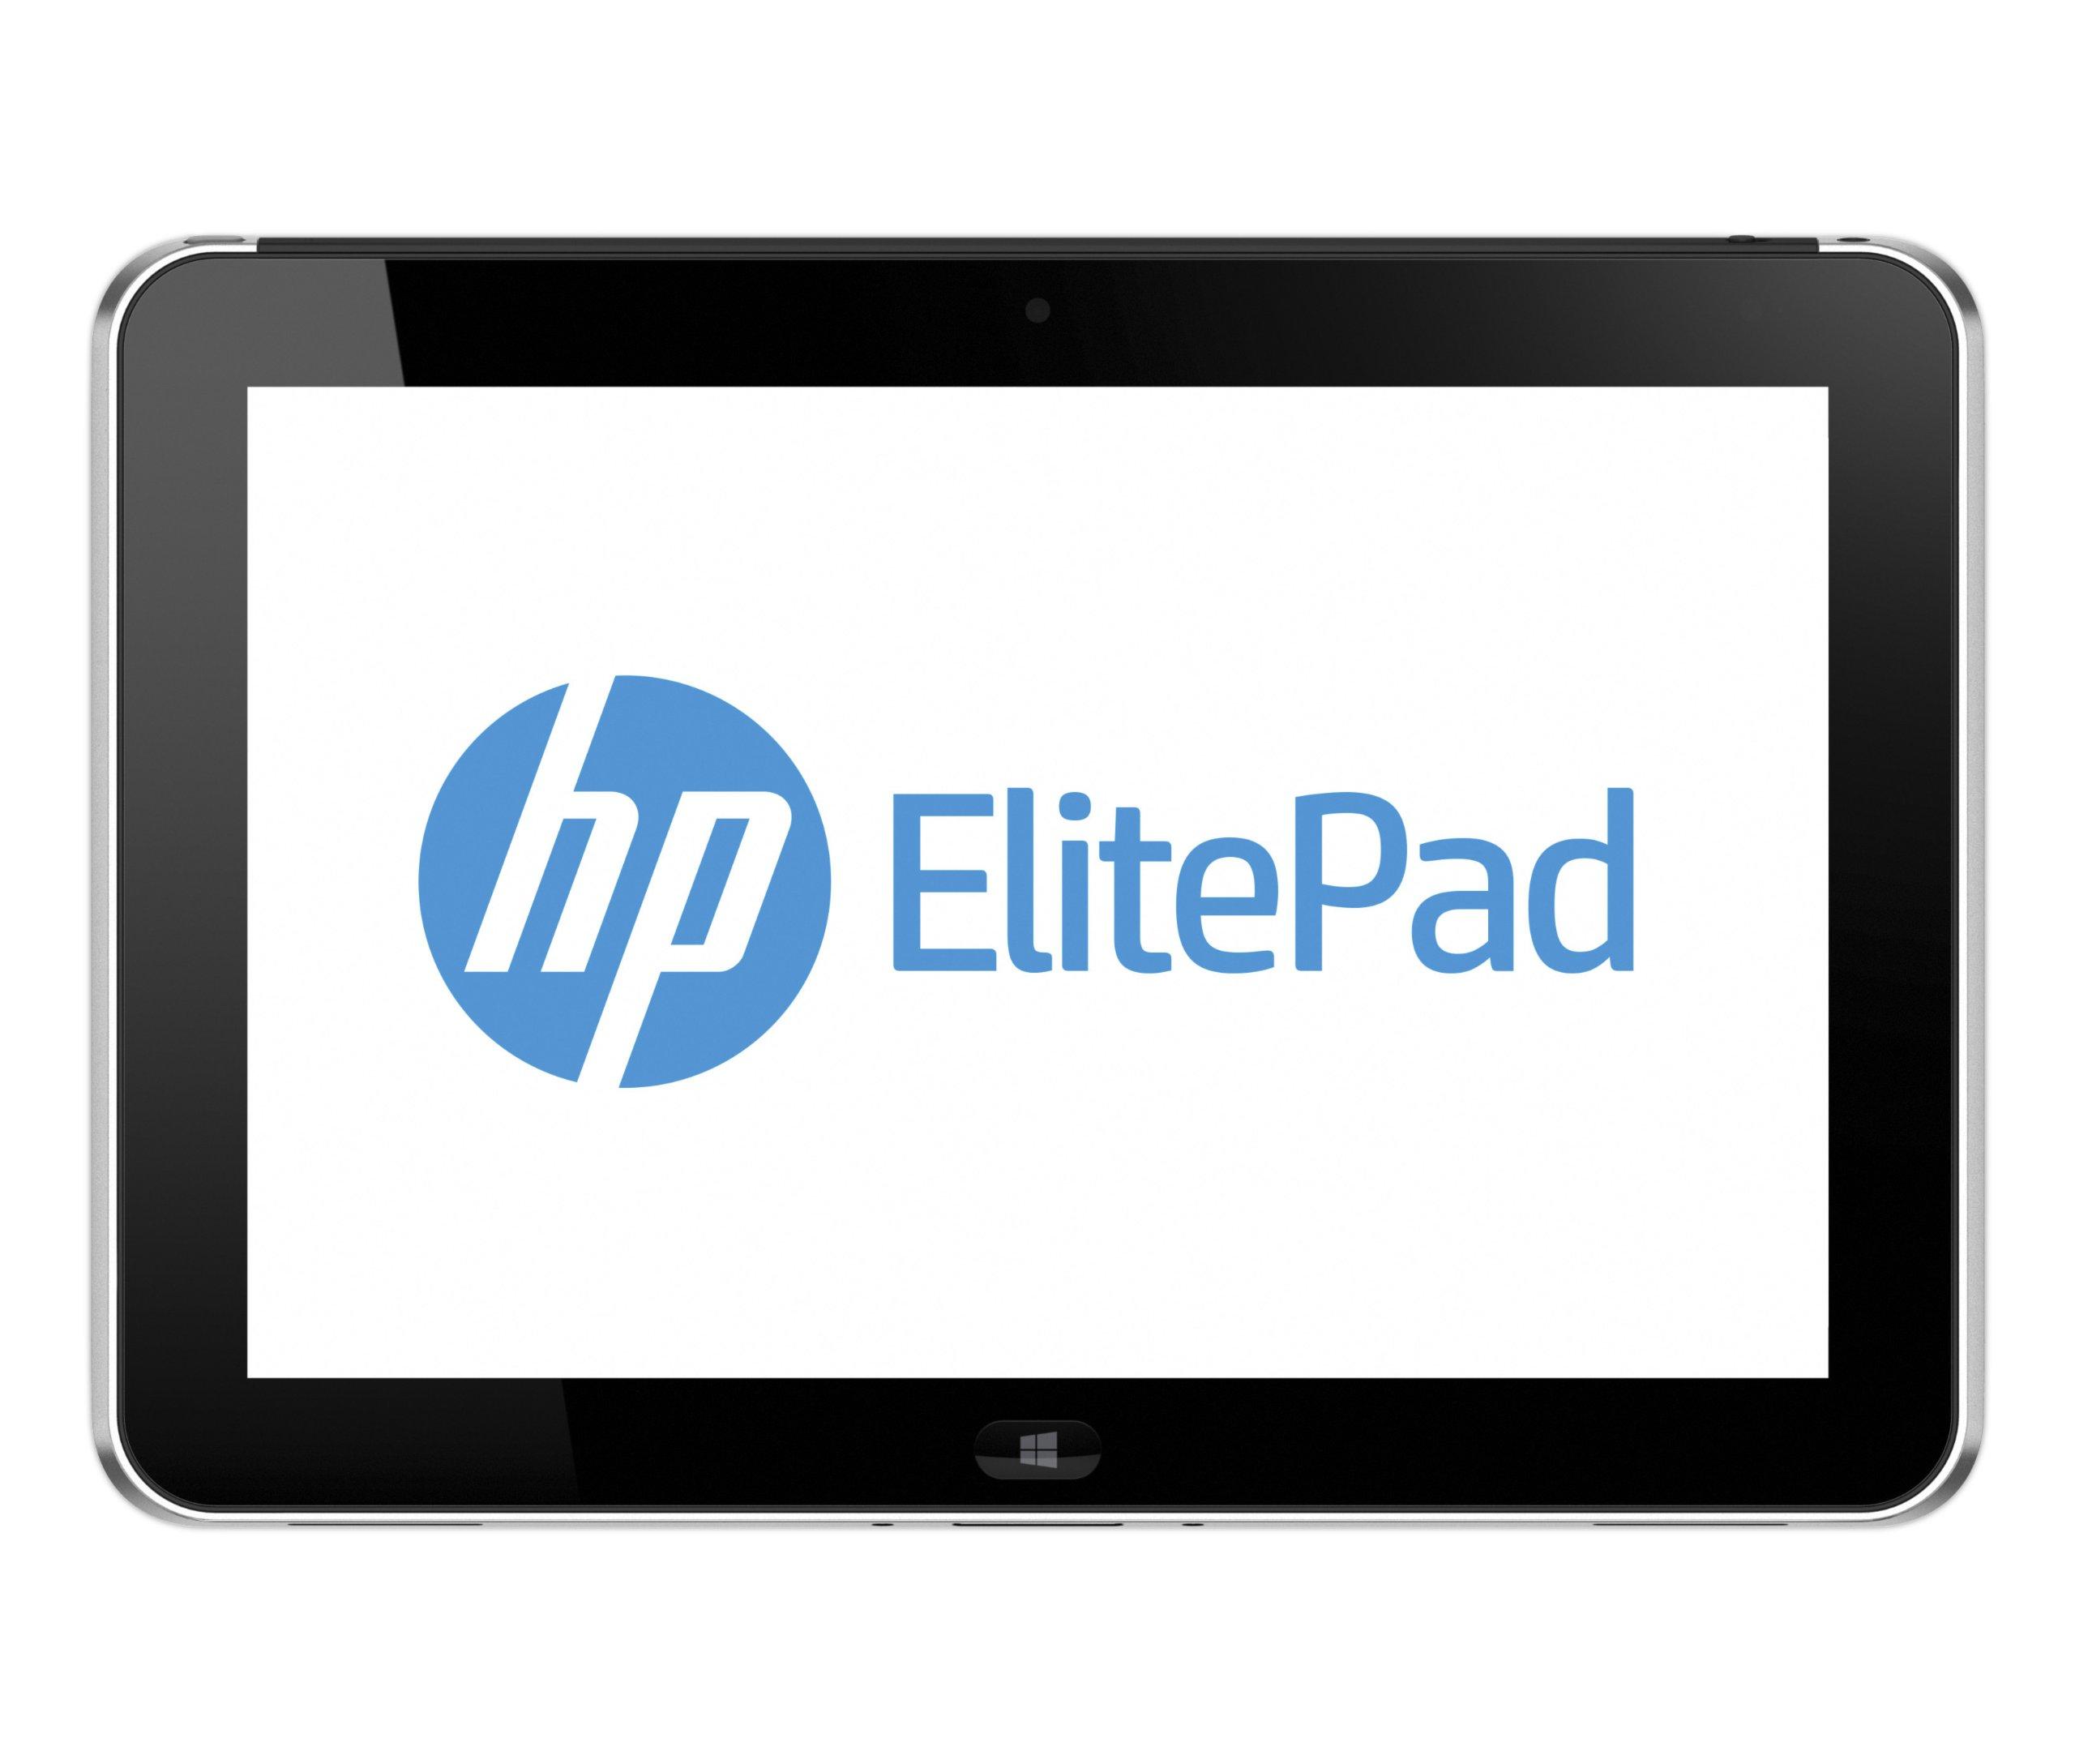 HP ElitePad 900 G1 – Tablet Atom Z2760 / 1.8 GHz – Windows 8 – 2 GB RAM – 64 GB SSD – 10.1″ (E1Z47UT)